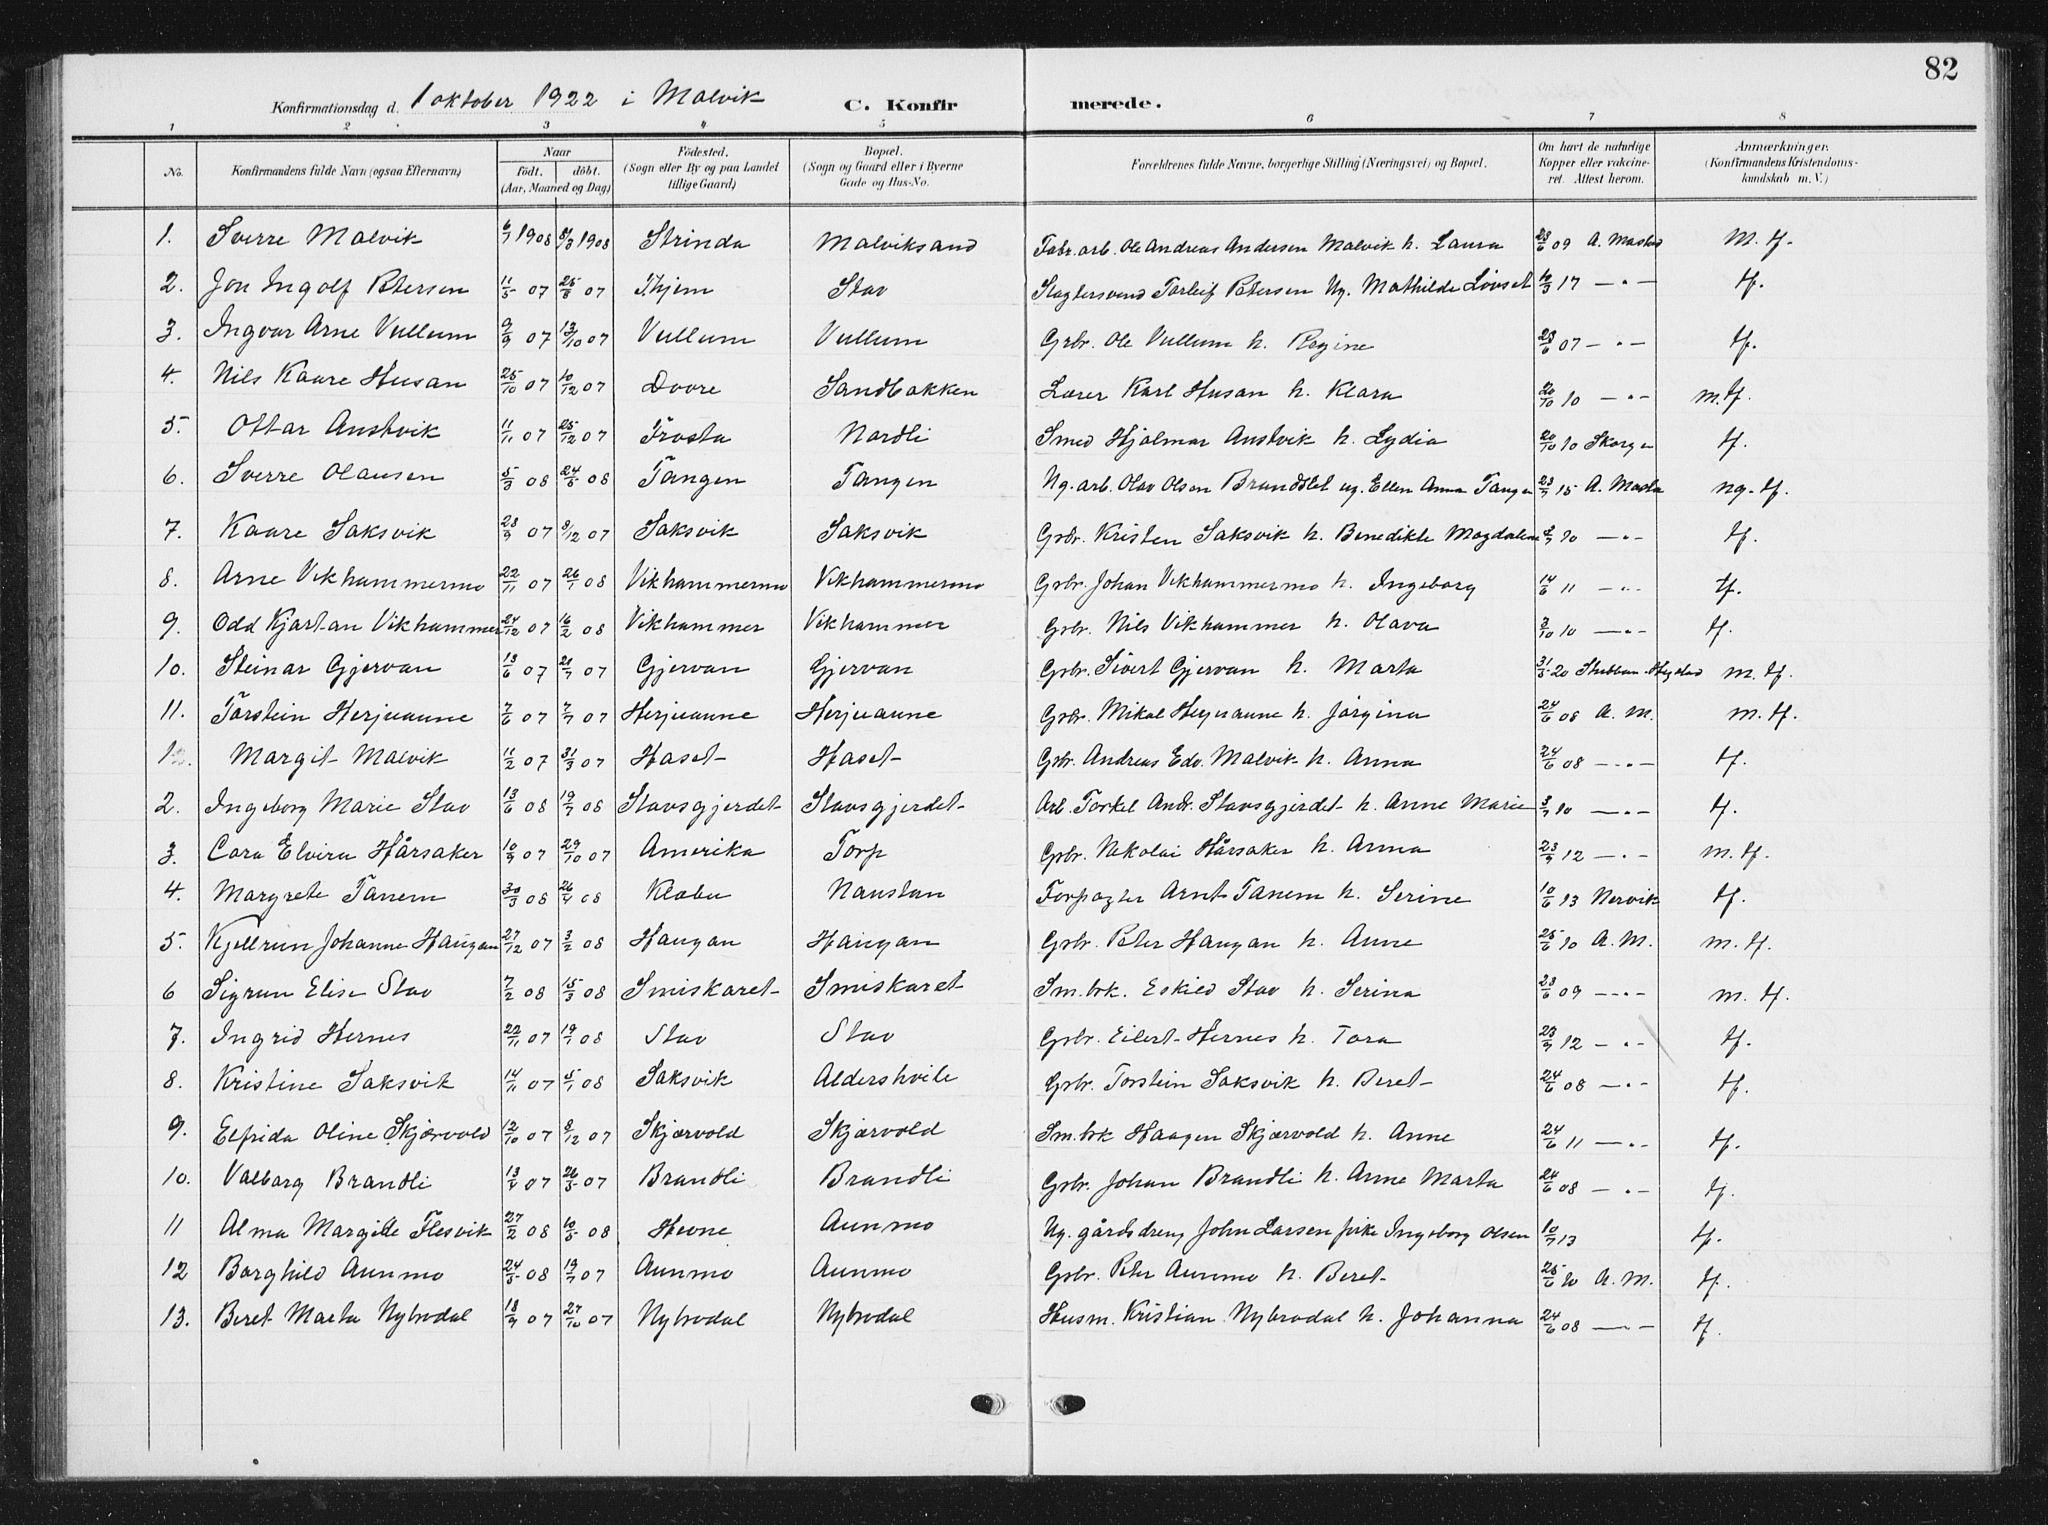 SAT, Ministerialprotokoller, klokkerbøker og fødselsregistre - Sør-Trøndelag, 616/L0424: Klokkerbok nr. 616C07, 1904-1940, s. 82